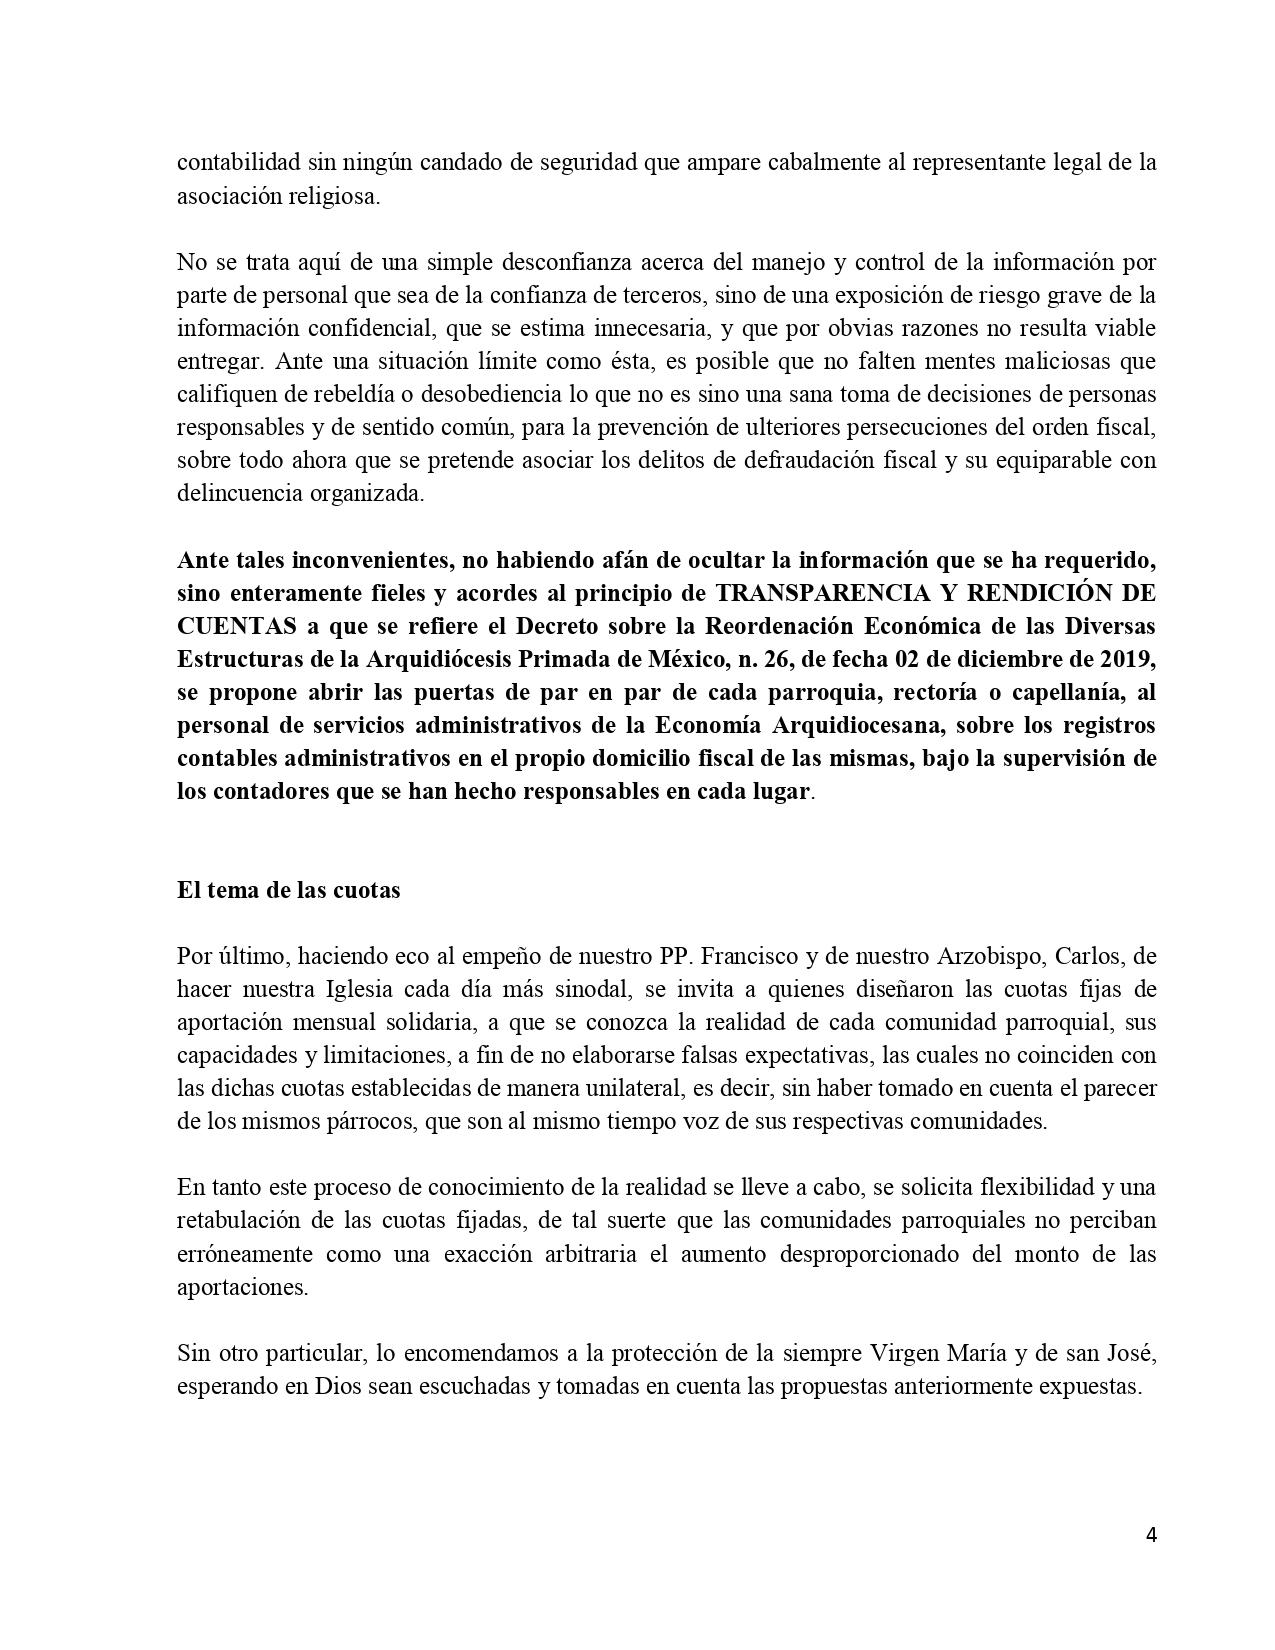 PROPUESTA A ECONOMÍA ARQUIDIOCESANA_page-0004